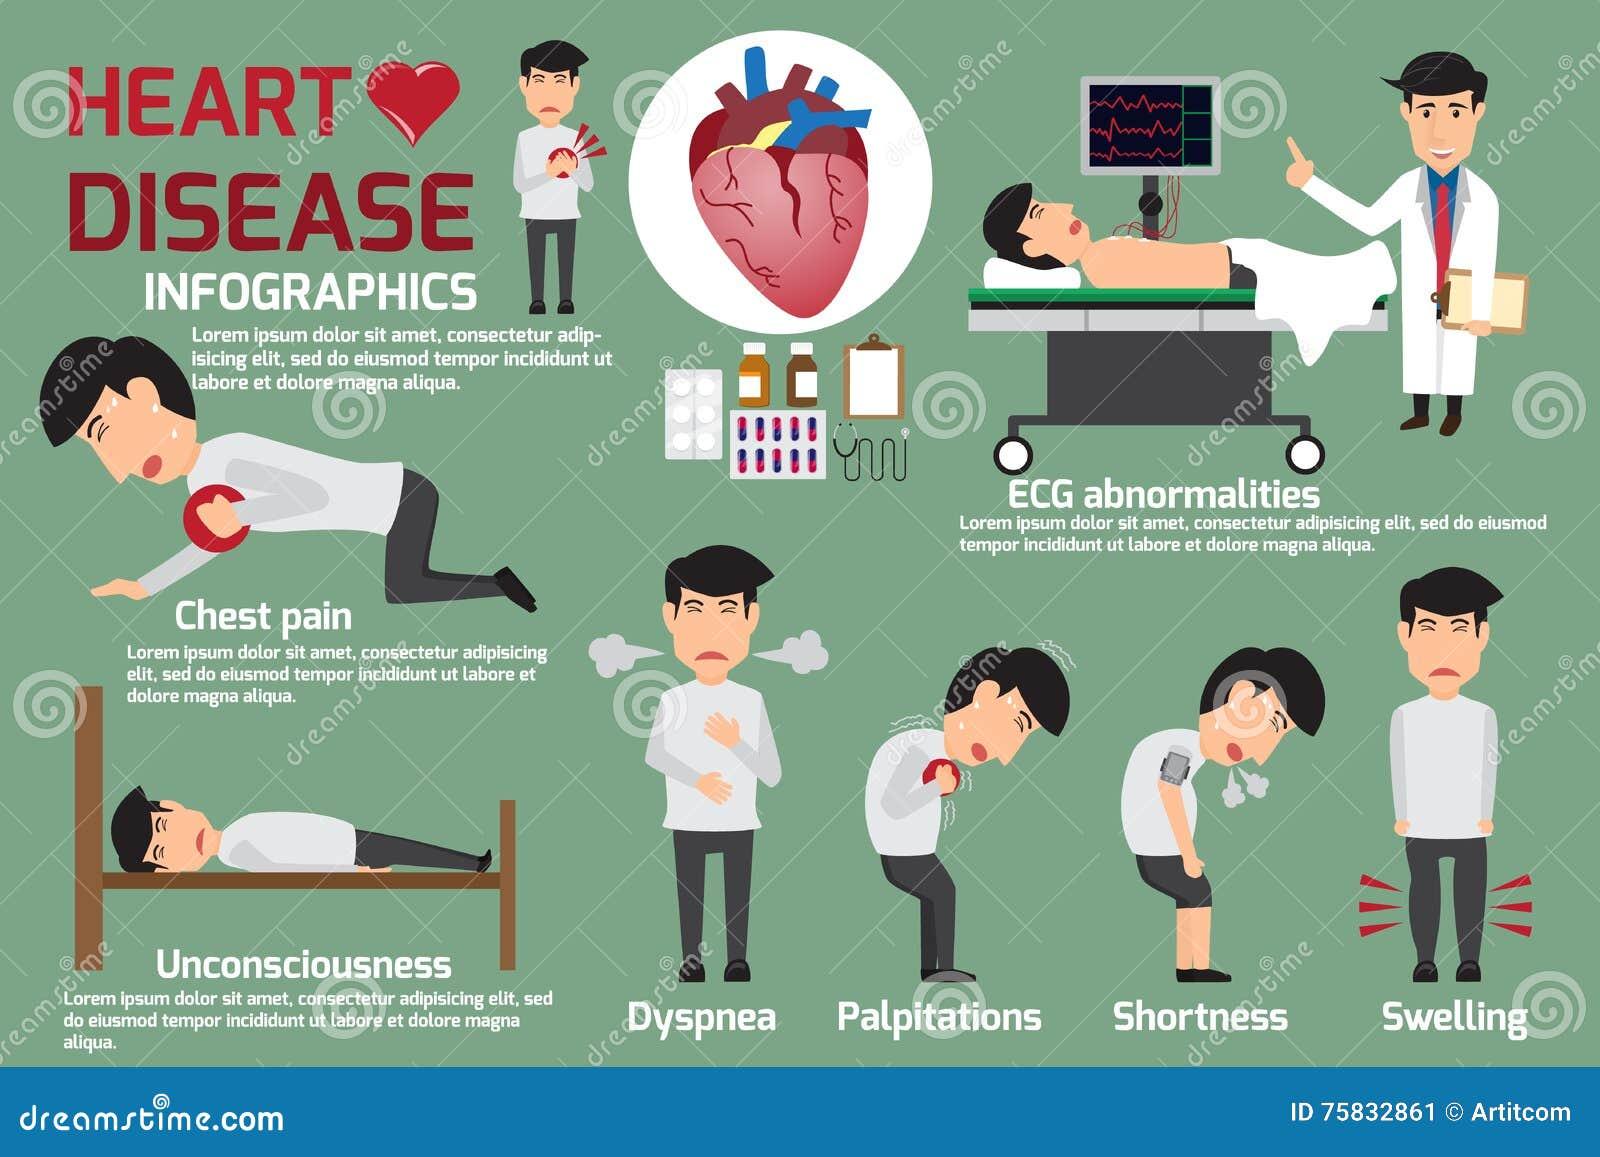 symptomes maladie cardiaque